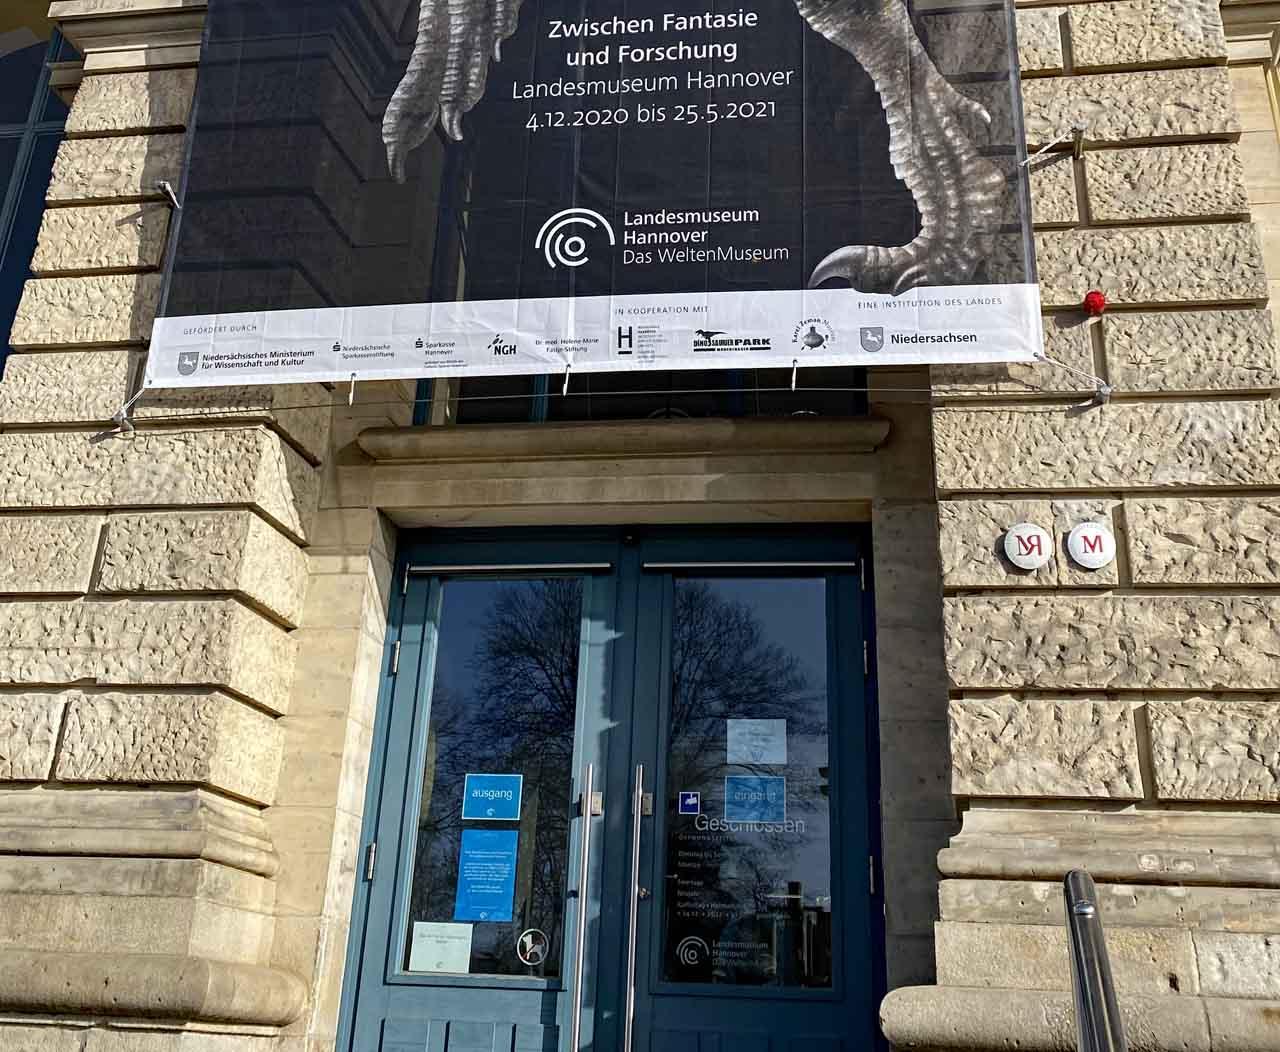 Auge in Auge mit ... mit der Ausstellung im Landesmuseum Hannover